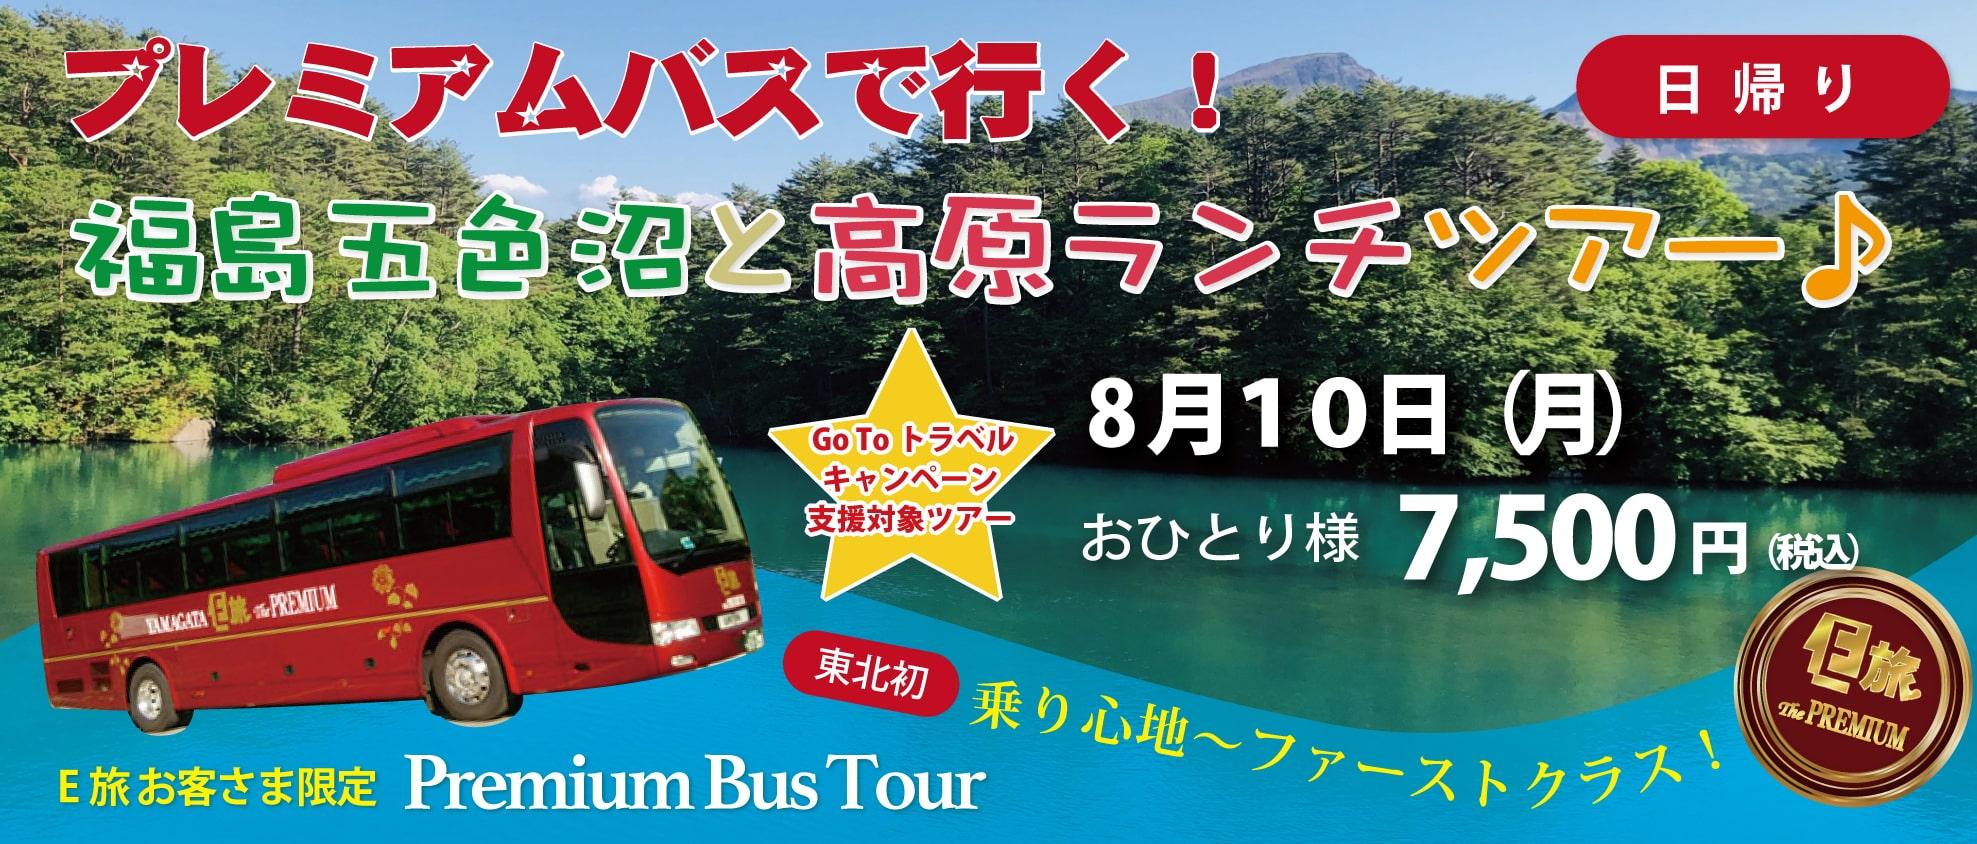 プレミアムバスで行く!福島五色沼と高原ランチツアー♪